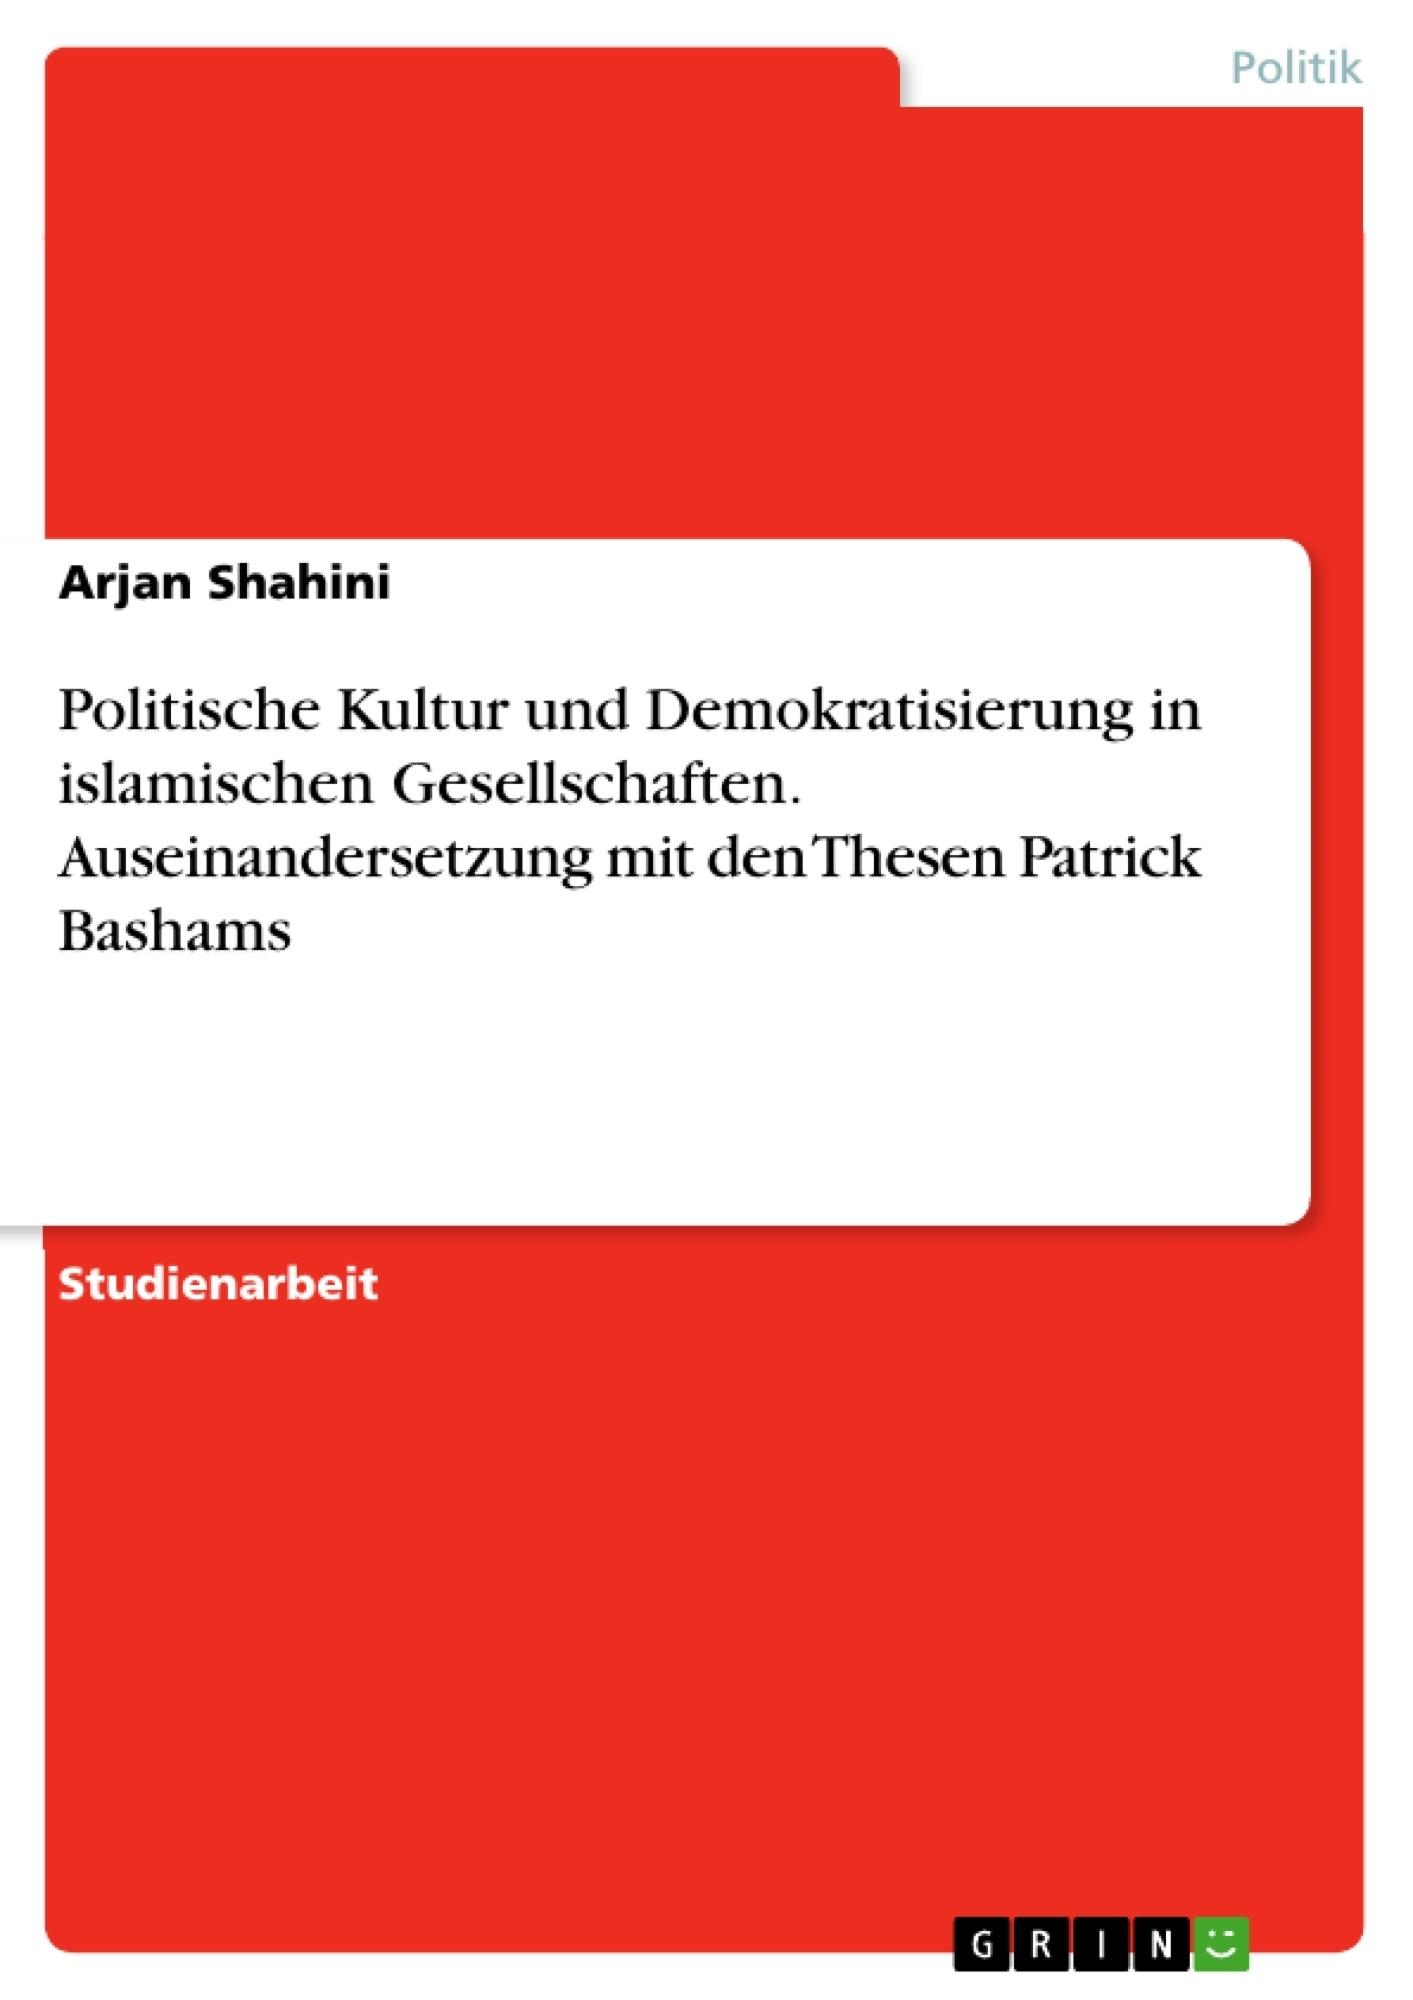 Titel: Politische Kultur und Demokratisierung in islamischen Gesellschaften. Auseinandersetzung mit den Thesen Patrick Bashams